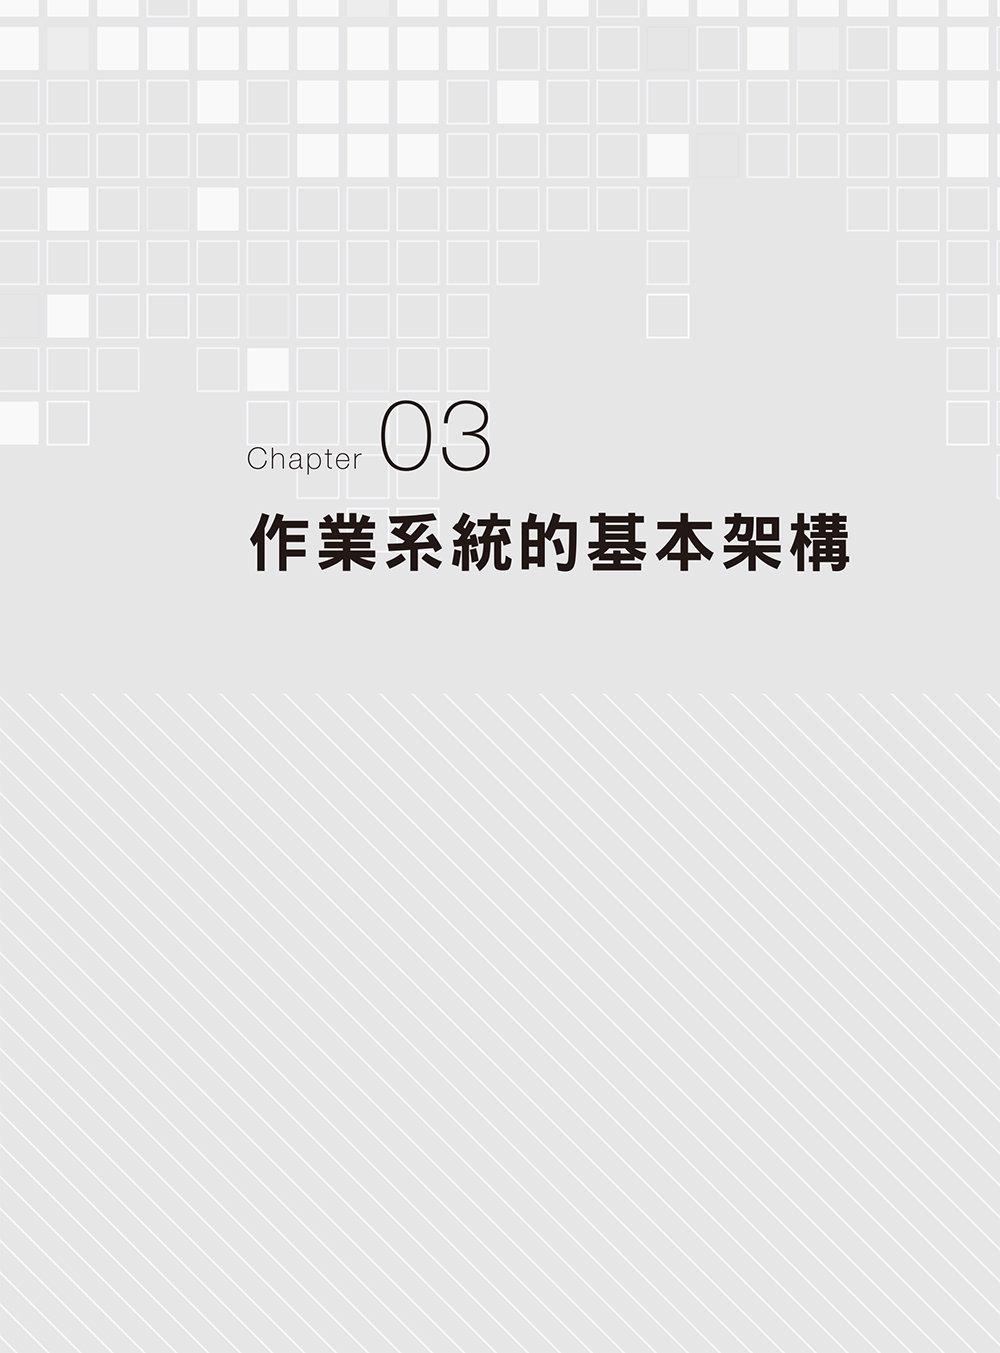 計算機組成原理-基礎知識揭密與系統程式設計初步-preview-14